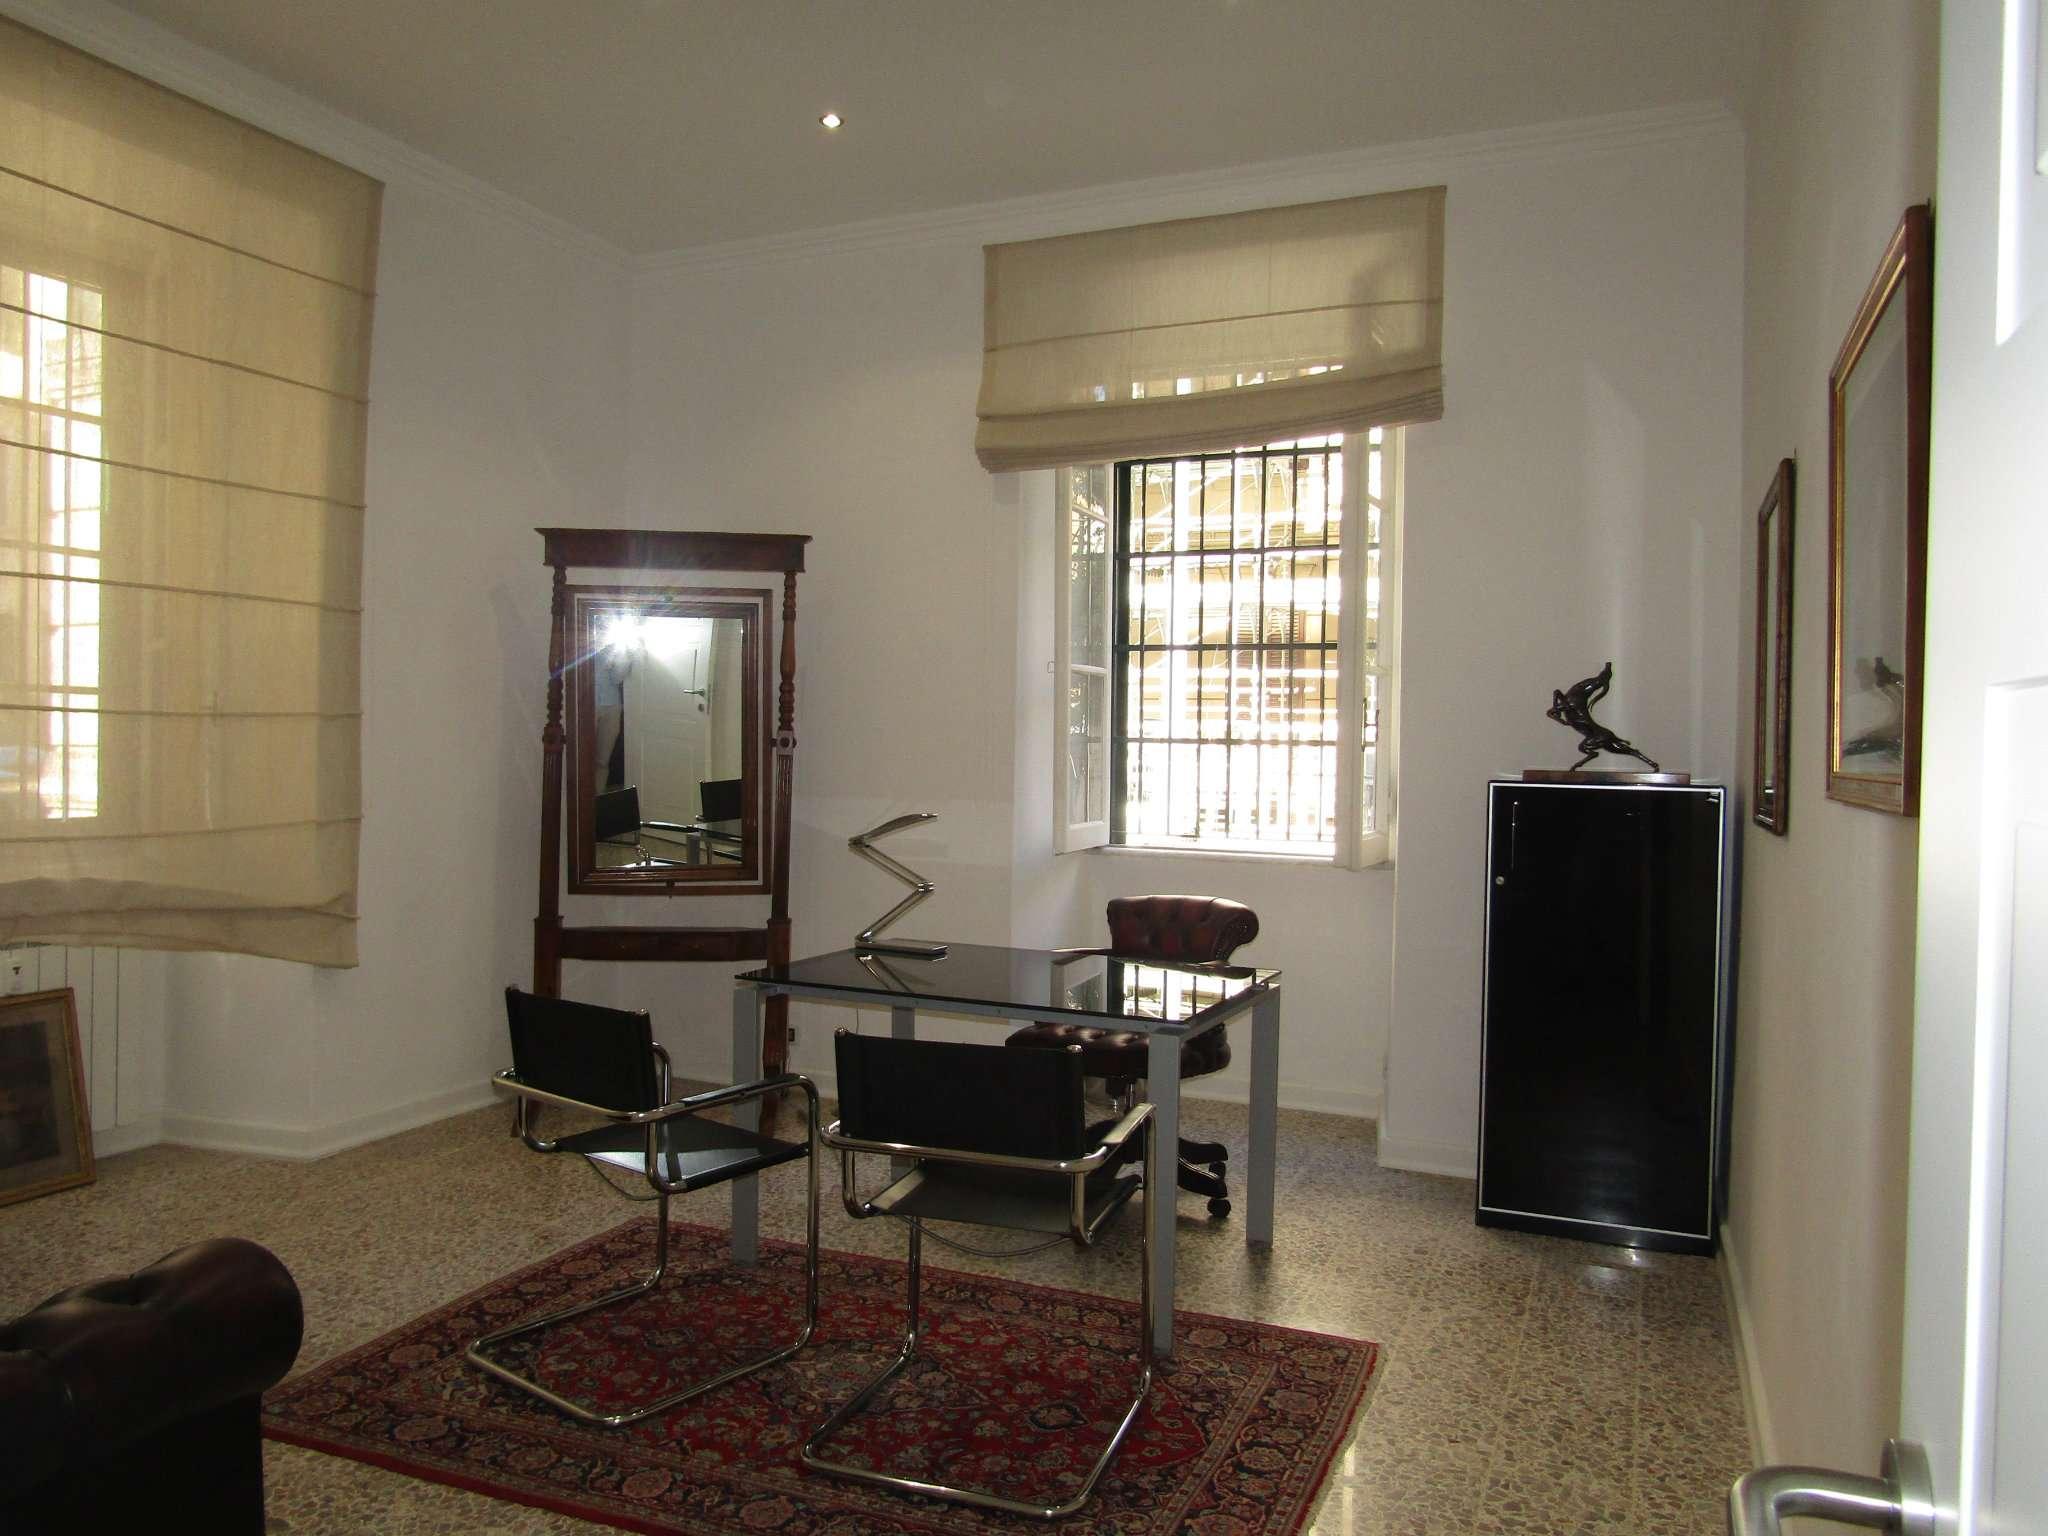 Ufficio / Studio in vendita a Roma, 4 locali, zona Zona: 3 . Trieste - Somalia - Salario, prezzo € 540.000 | CambioCasa.it